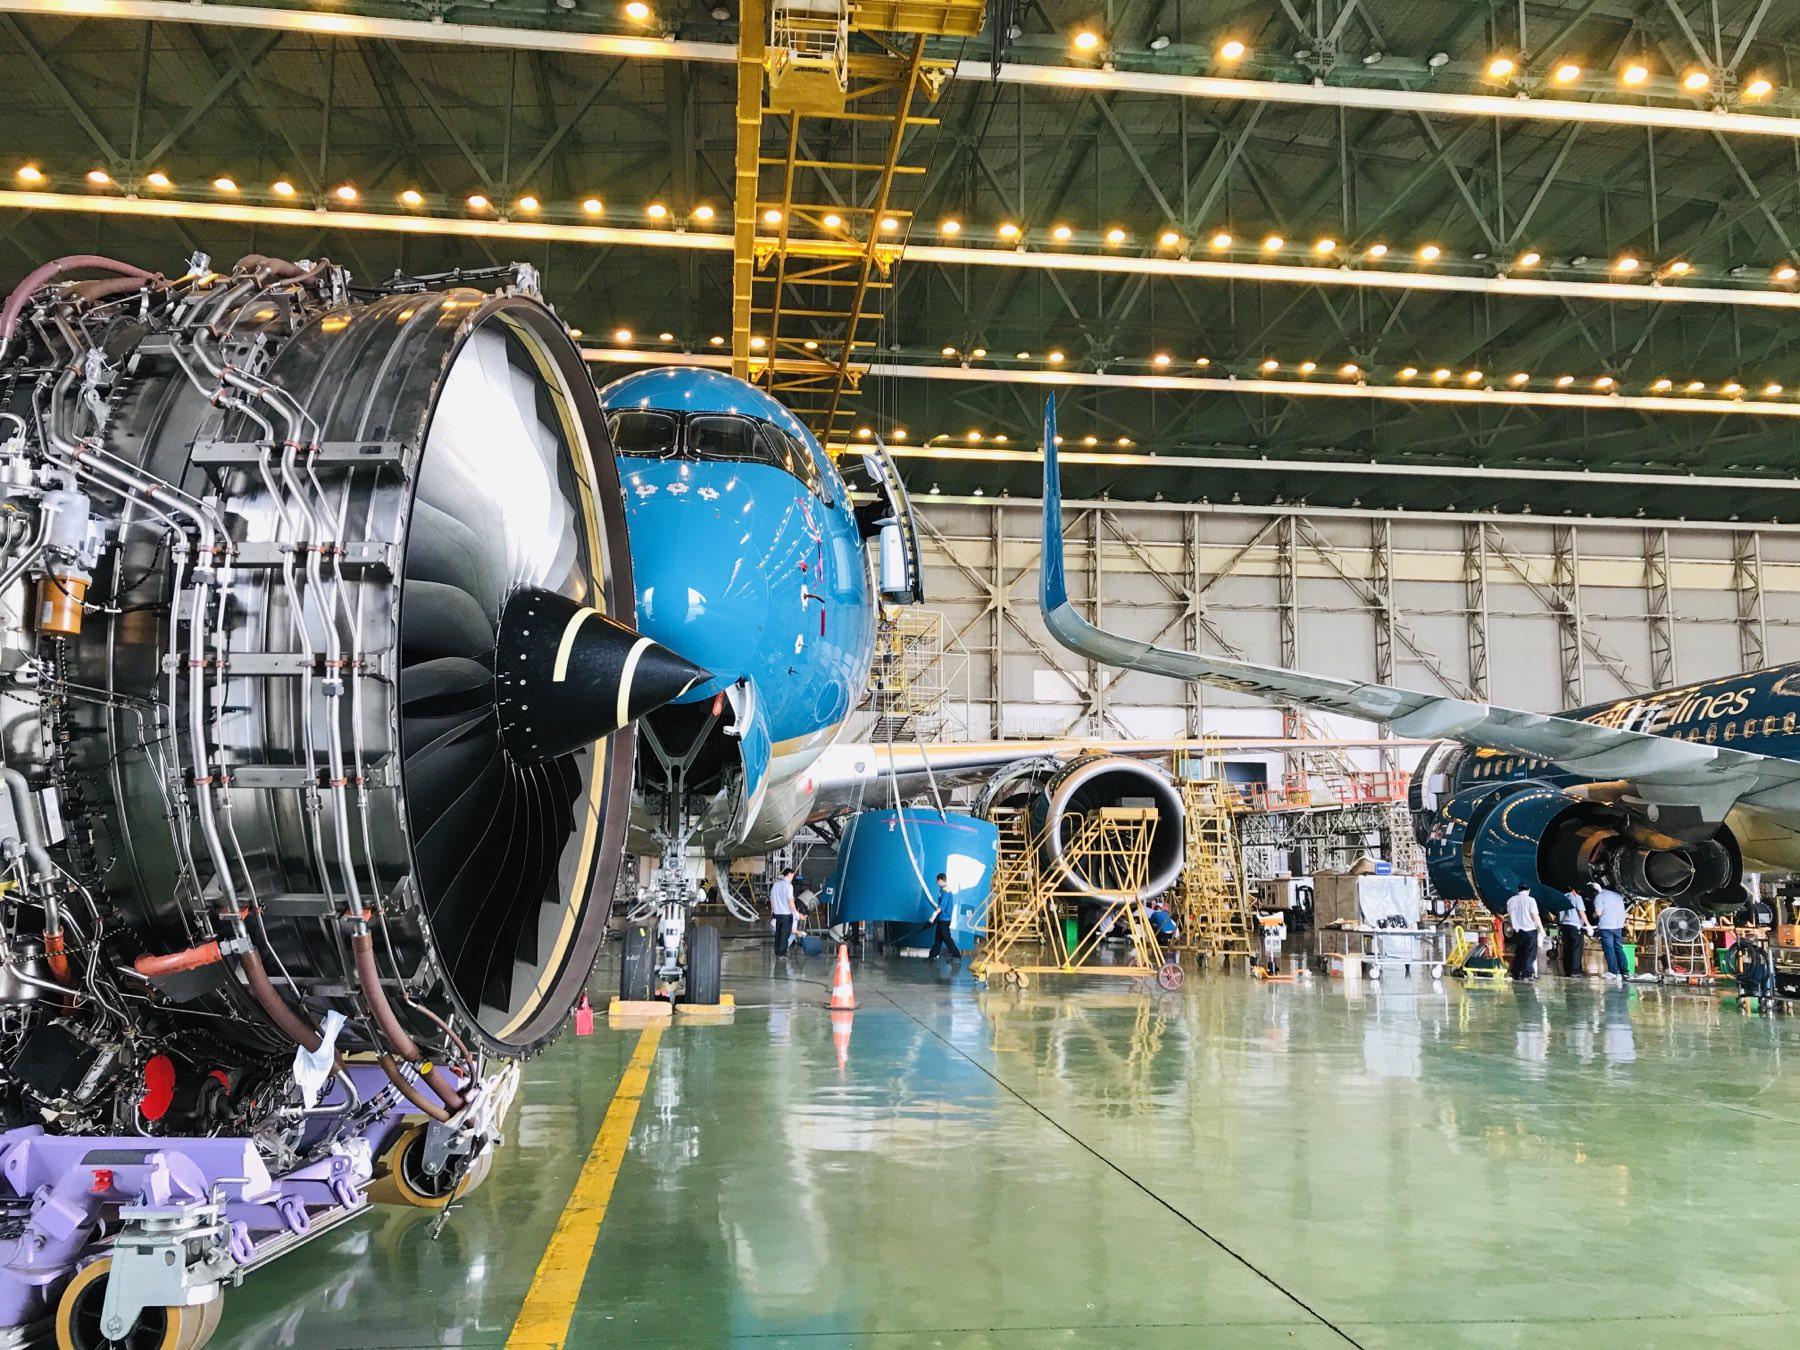 Vietnam Airlines lắp cánh cong cho tàu bay, dự kiến tiết kiệm 2 triệu USD/năm - Ảnh 3.